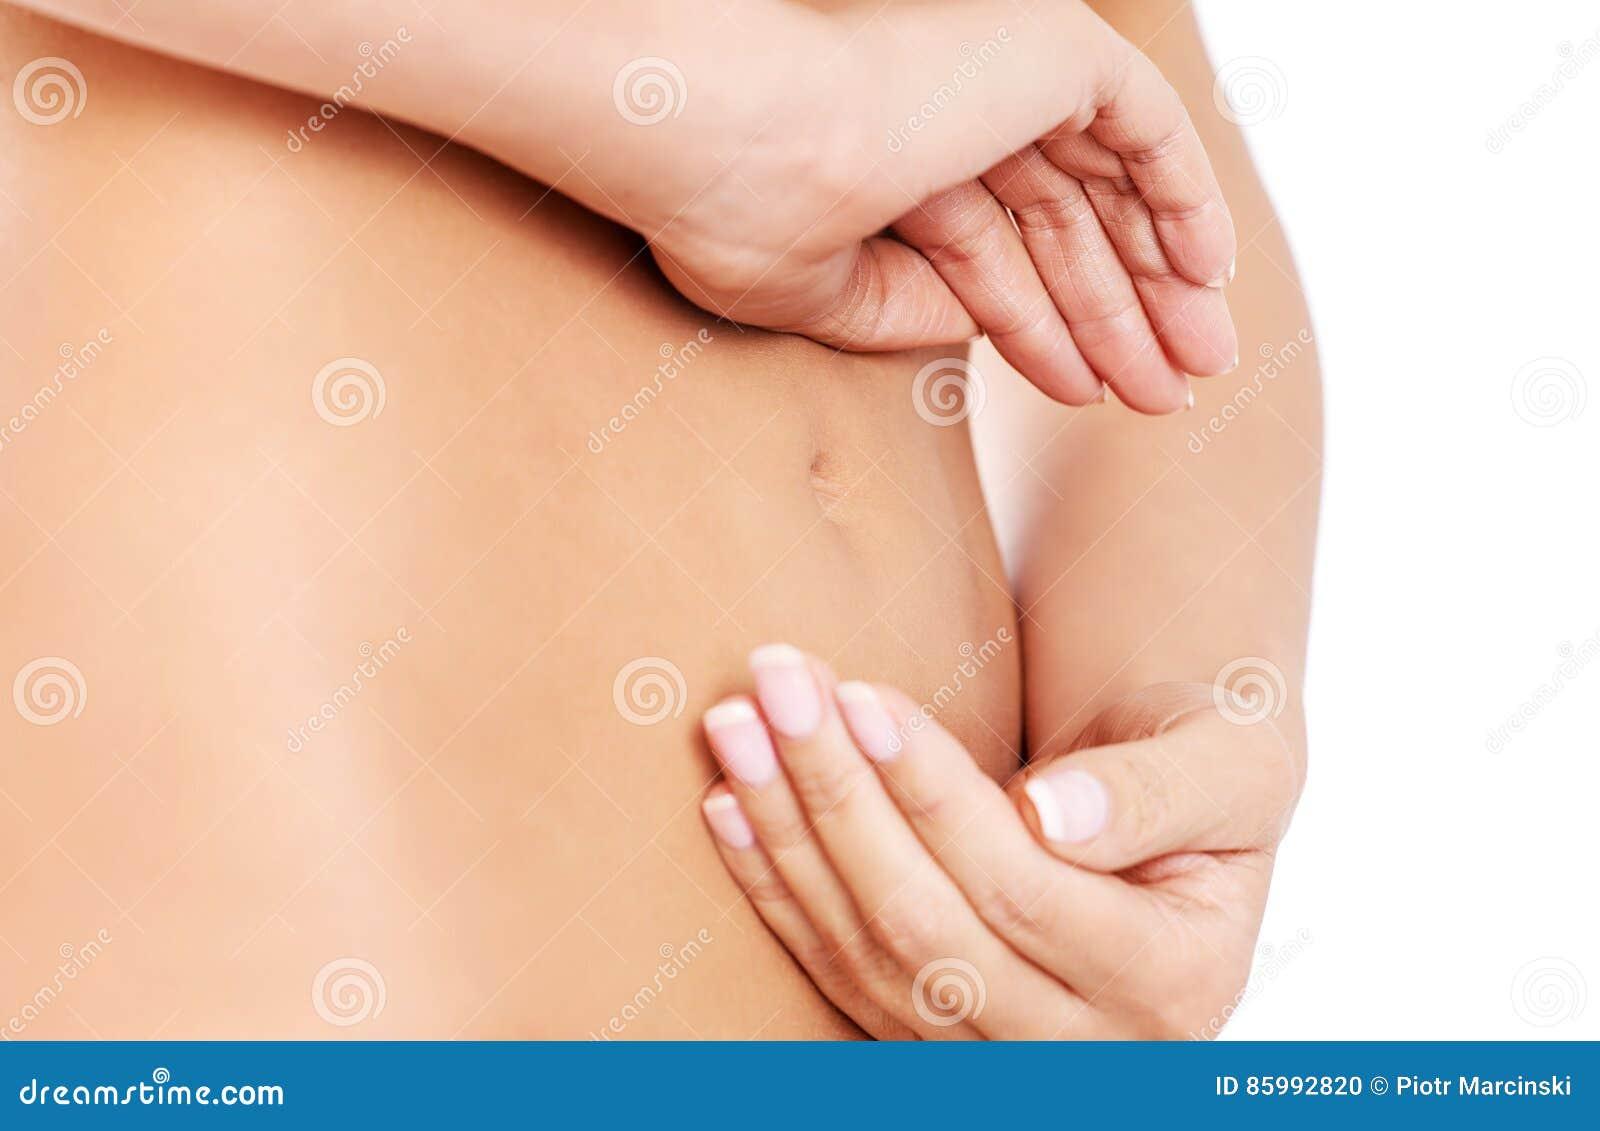 Ręki na szczupłym żeńskim brzuchu